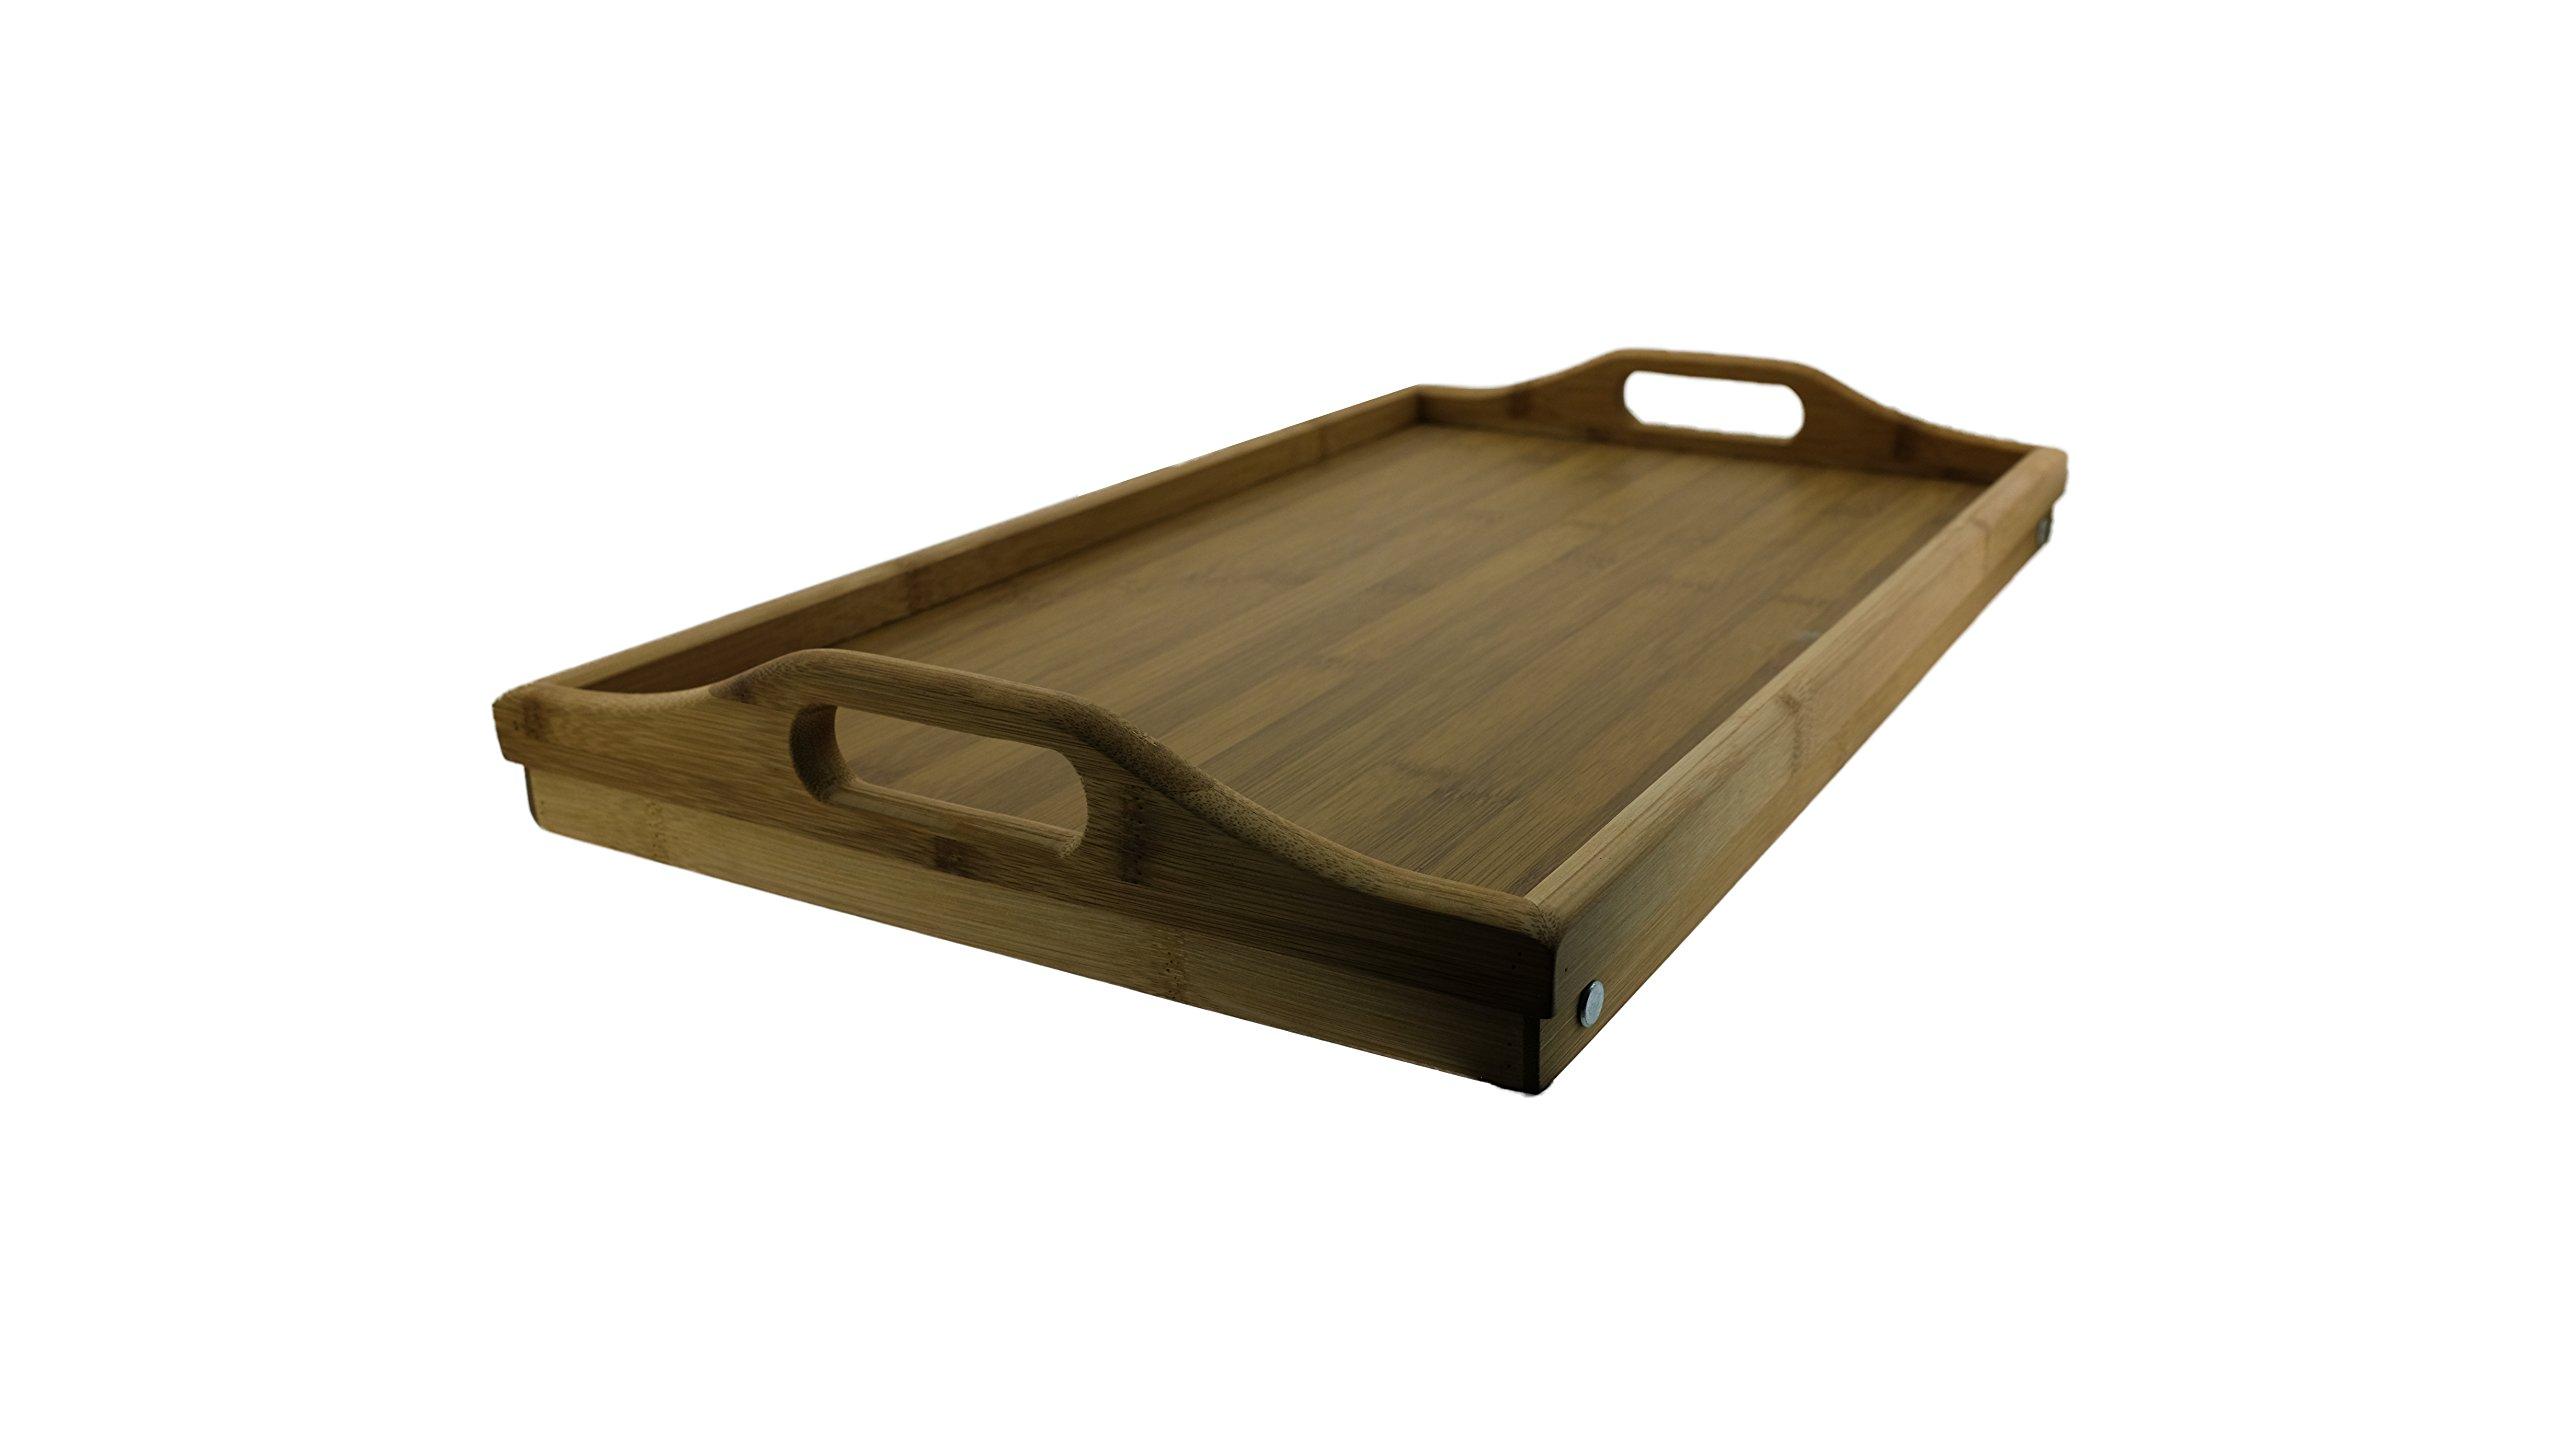 Tavoli Per Colazione A Letto : Jonas tavolo e vassoio da letto in bambù con manici e gambe